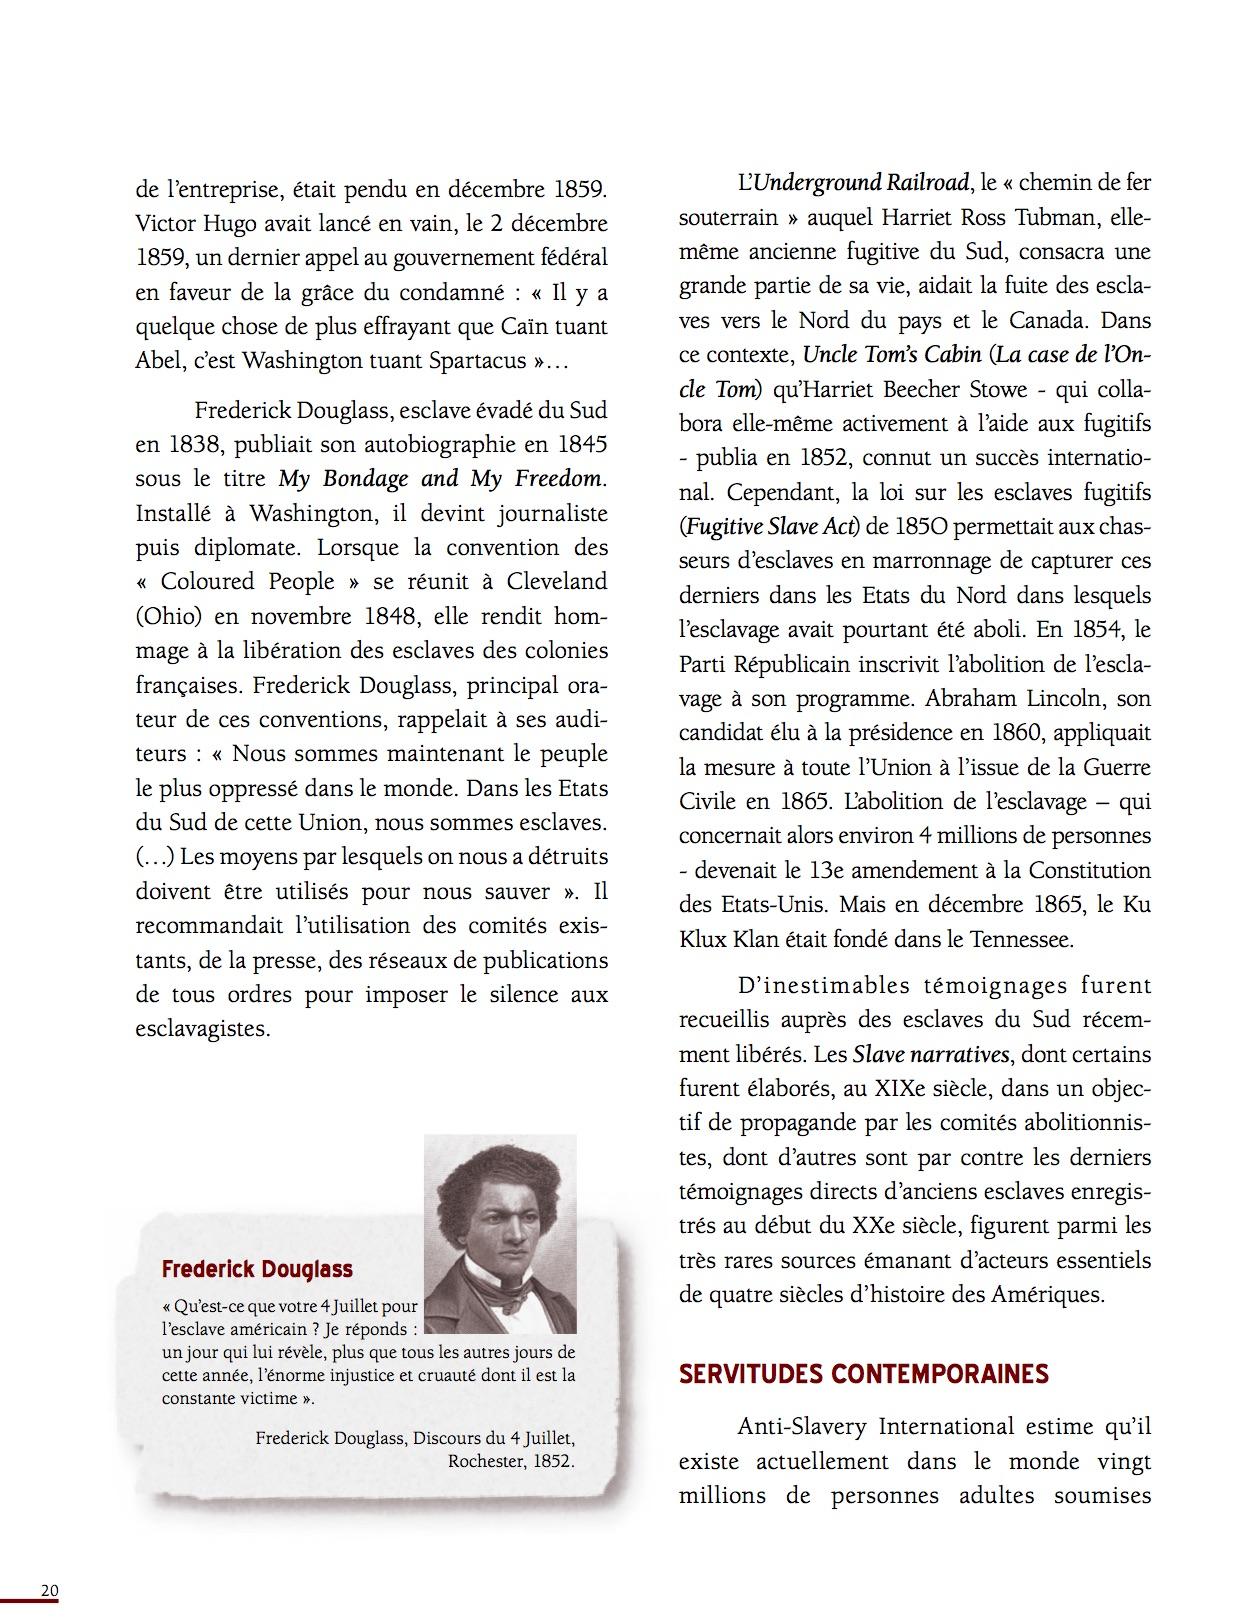 Unesco Luttes contre l'esclavage-20